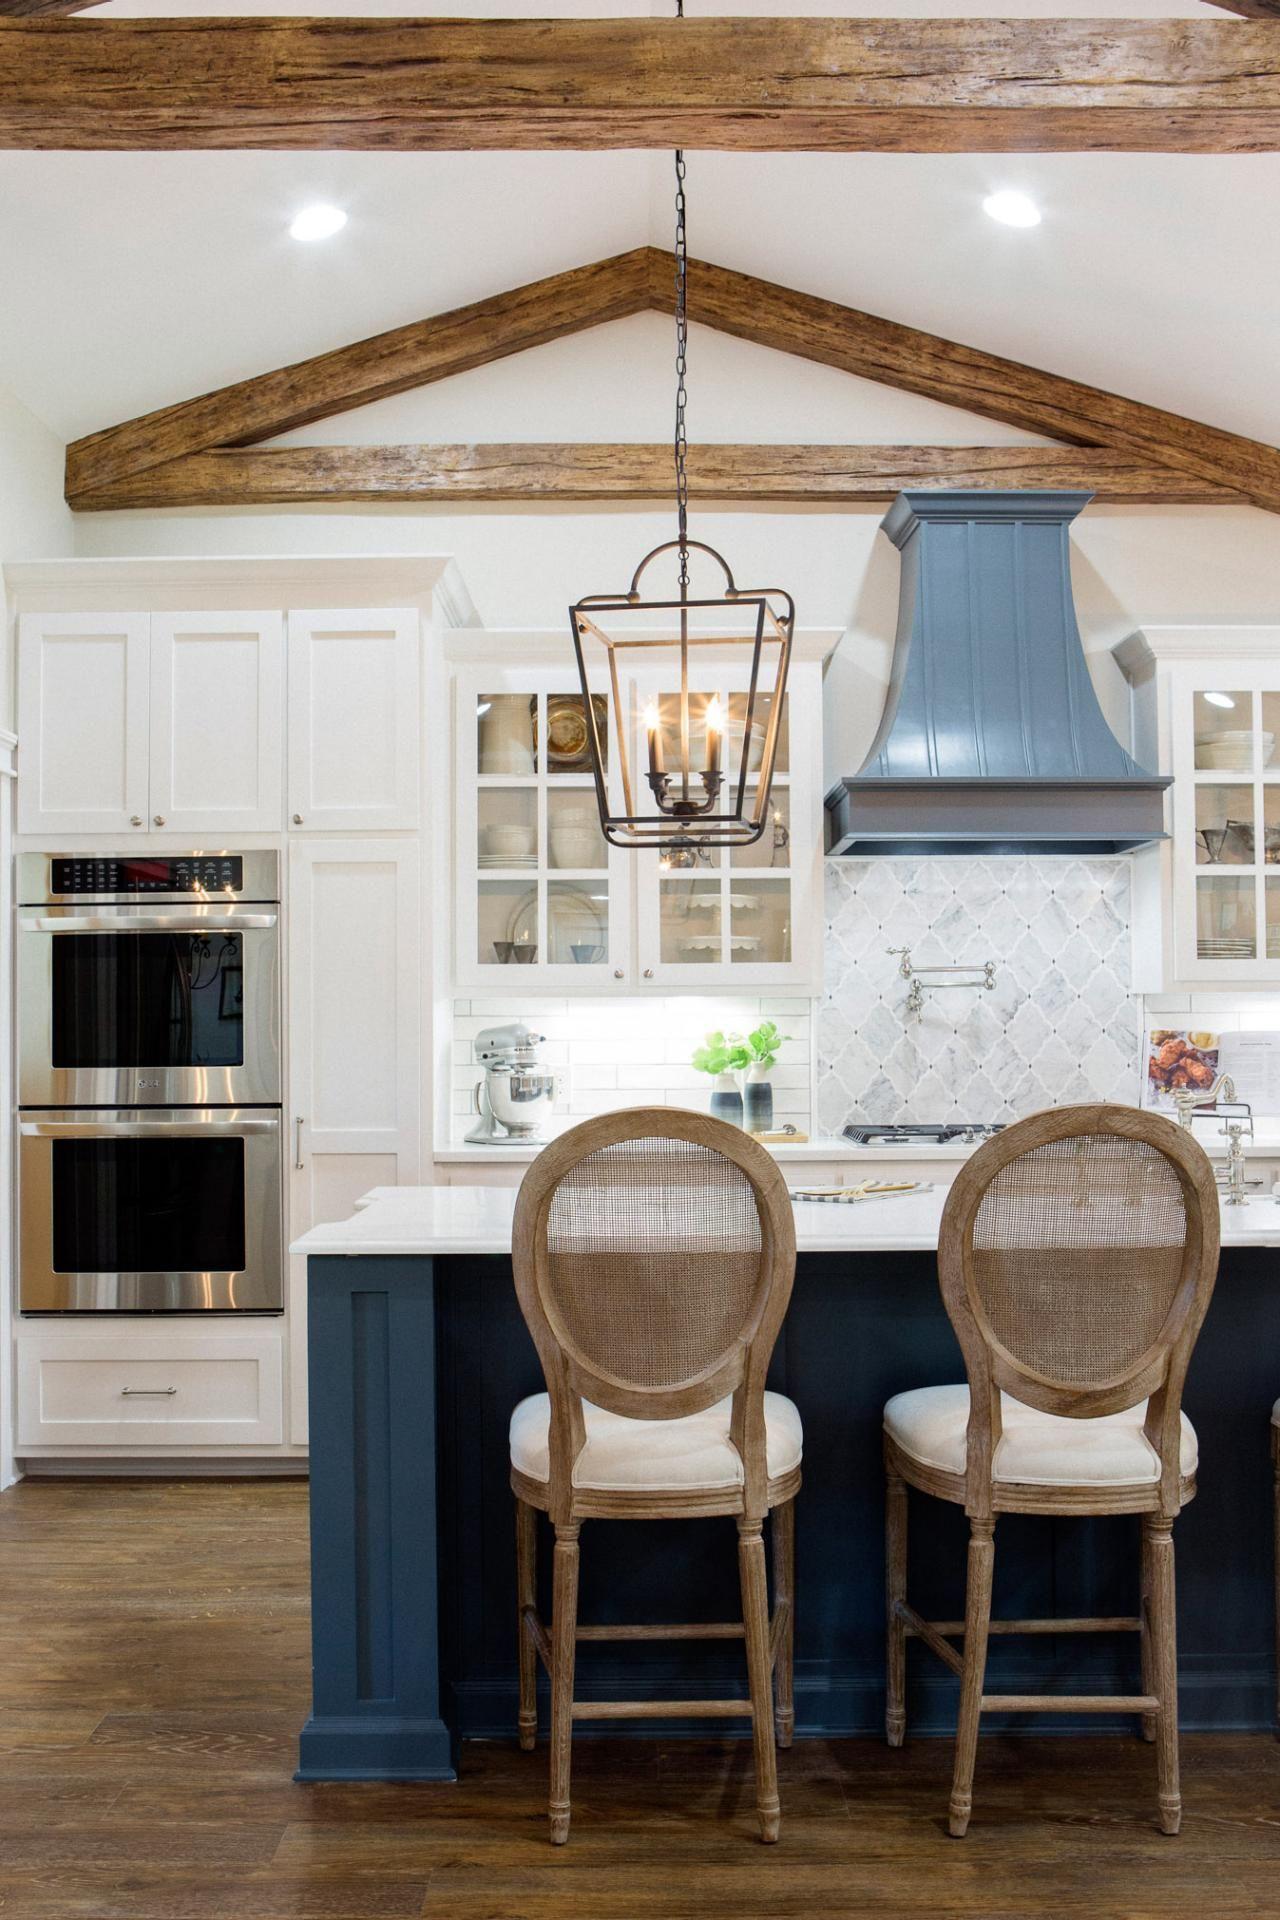 15 Kitchen Island Ideas to Inspire Your Remodel | Kommode und Küche